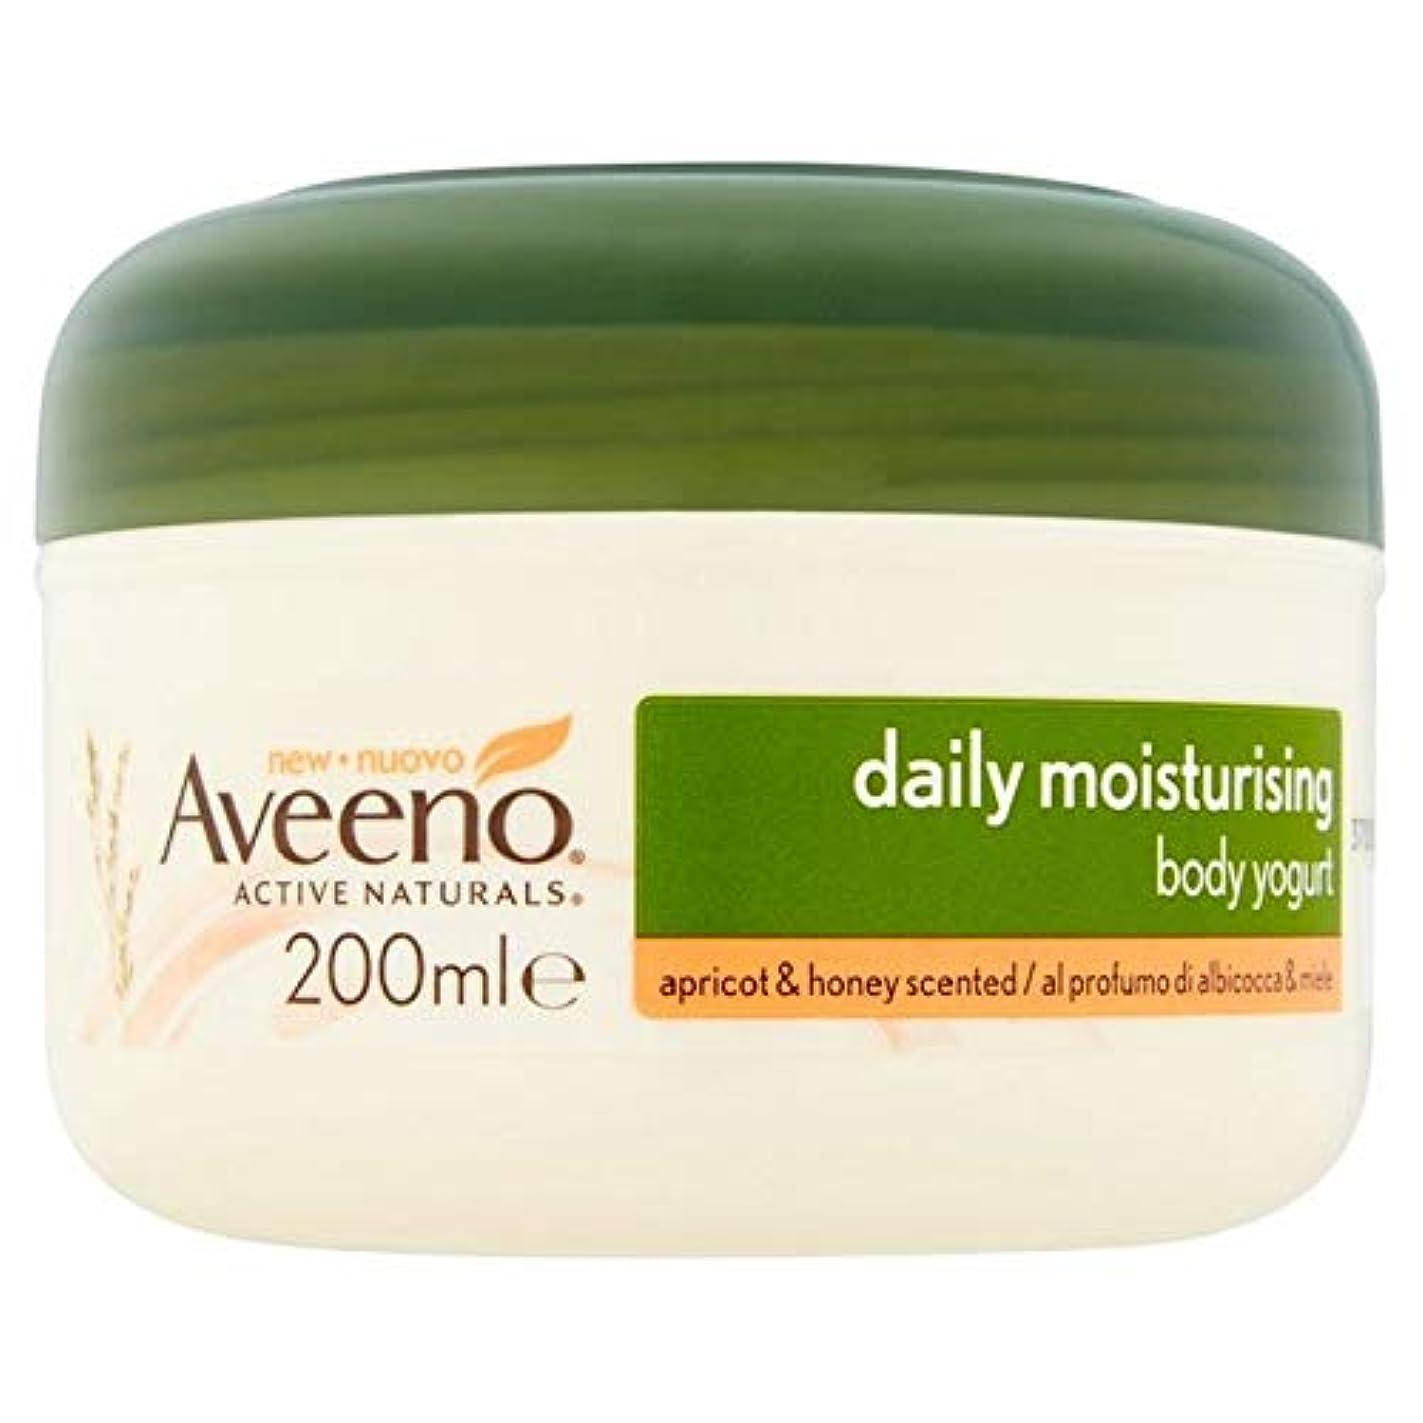 記念碑的なボクシングドメイン[Aveeno] Aveeno毎日保湿ボディヨーグルトアプリコット&ハニー200ミリリットル - Aveeno Daily Moisturising Body Yogurts Apricot & Honey 200ml...